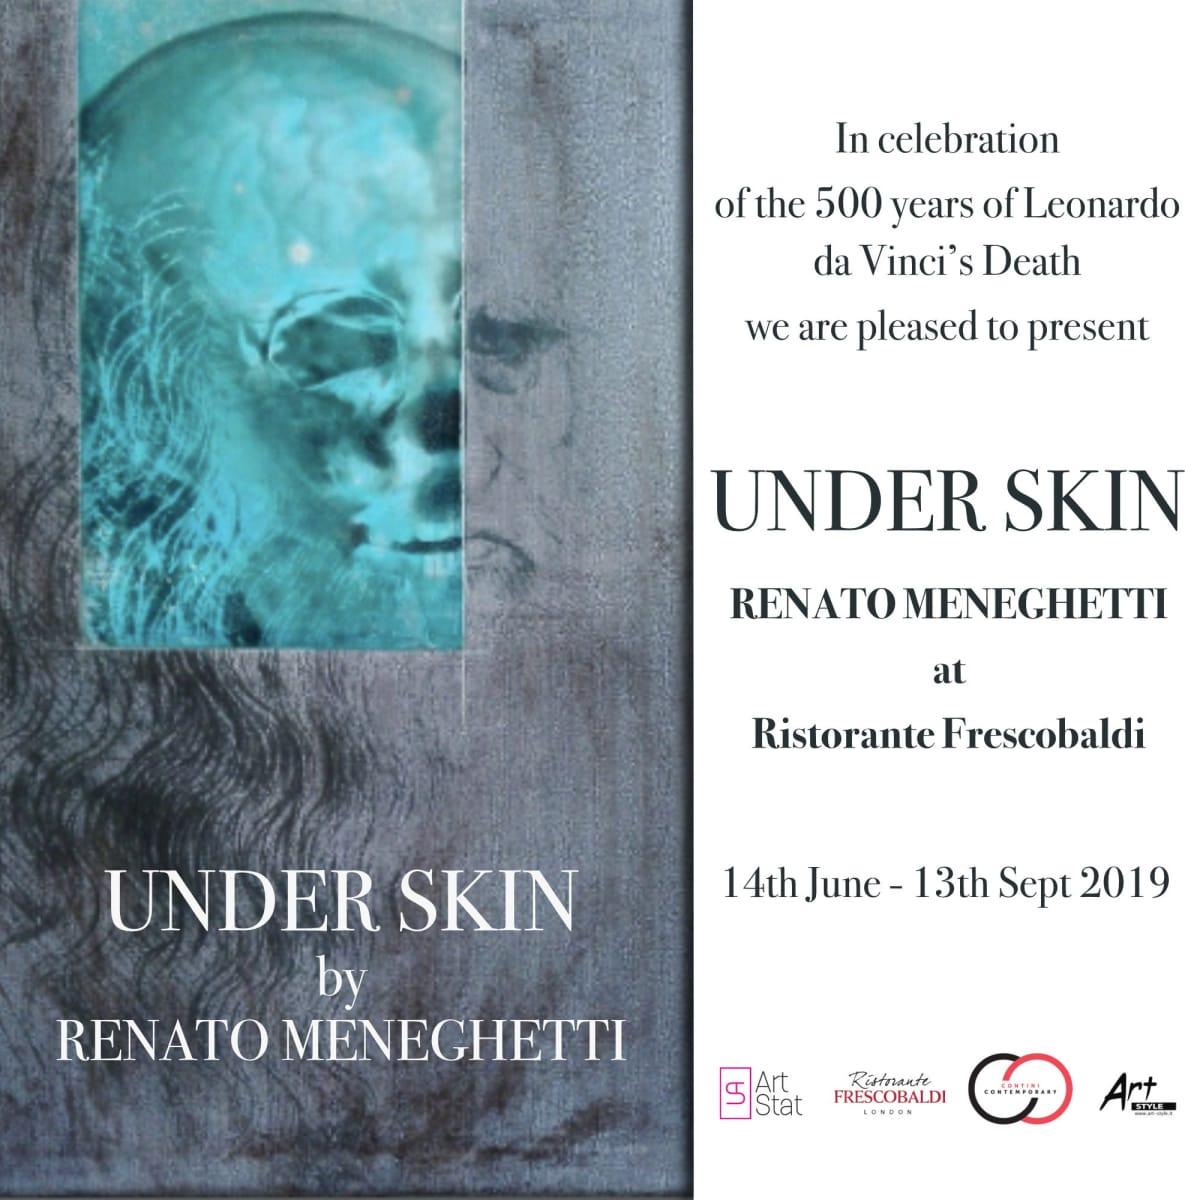 Under Skin exhibition by Renato Meneghetti at Ristorante Frescobaldi London